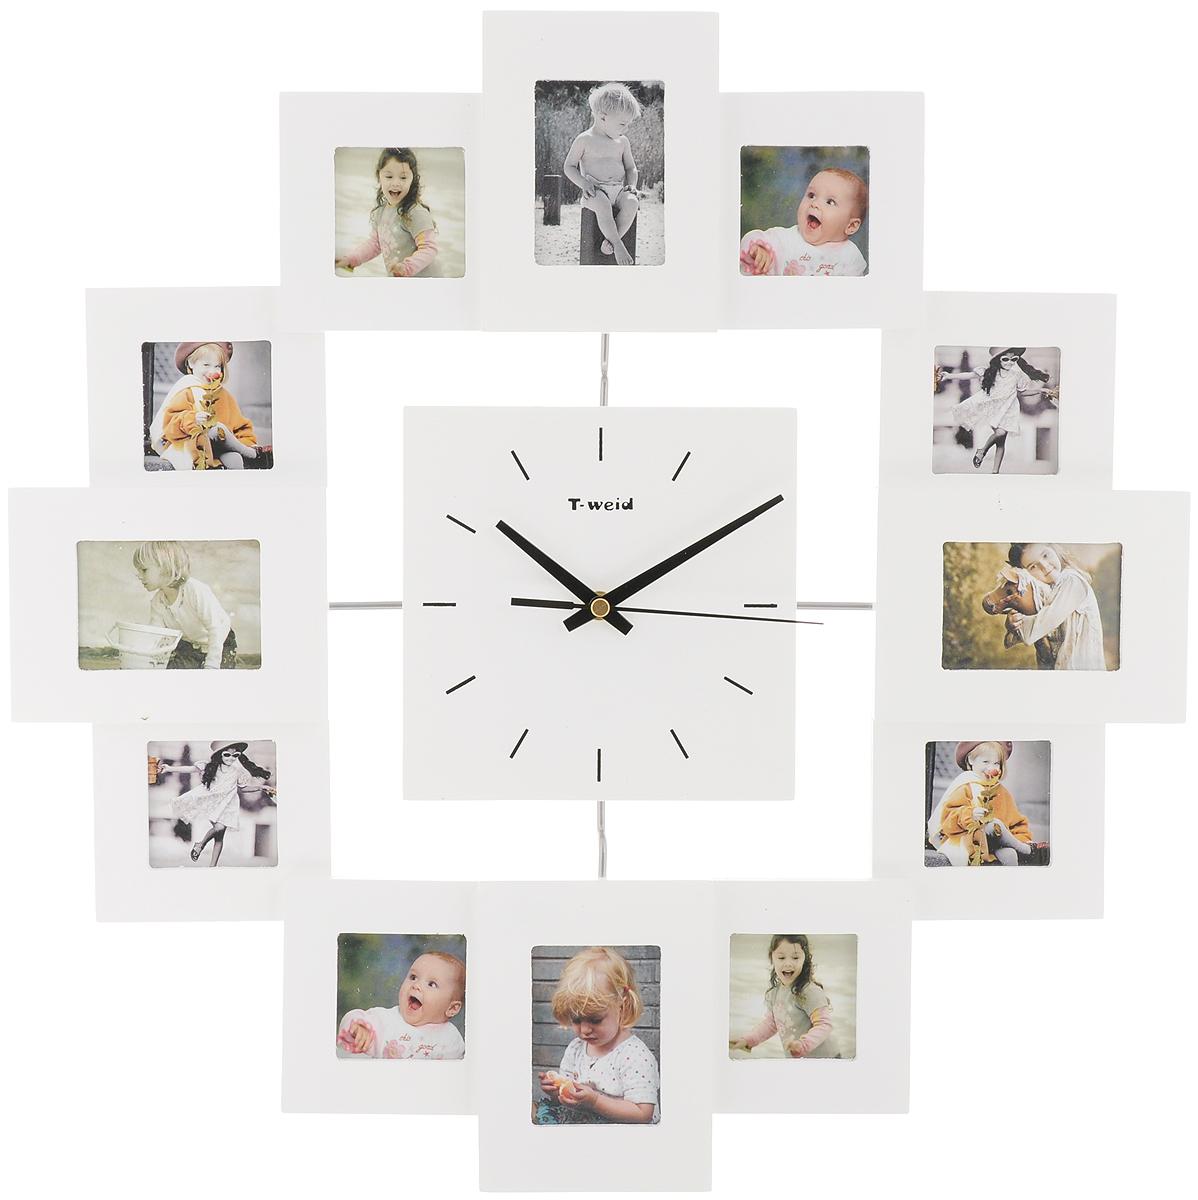 Часы настенные HomeMaster, с 12 фоторамками, цвет: белыйМ9013ВWhiteНастенные часы HomeMaster кварцевые с фоторамками - это прекрасныйпредмет декора, а также универсальный подарок практически по любому поводу.Корпус часов, выполнен из дерева с белым матовым покрытием и оформлендвенадцатью фоторамками. Циферблат часов оснащен тремя стрелками: часовой, минутной исекундной. На задней стенке часов расположена металлическая петелька дляподвешивания и блок с часовым механизмом. Часы с фоторамками прекрасно впишутся в любой интерьер. В зависимостиоттого, что вы поместите в рамки, будет меняться и стиль часов. Тип механизма: плавающий, бесшумный. Рекомендуется докупить батарейку типа АА (не входит в комплект).Размер изделия: 45 х 45 х 5 см. Размер фотографий: 5 х 7 см, 5 х 5 см.